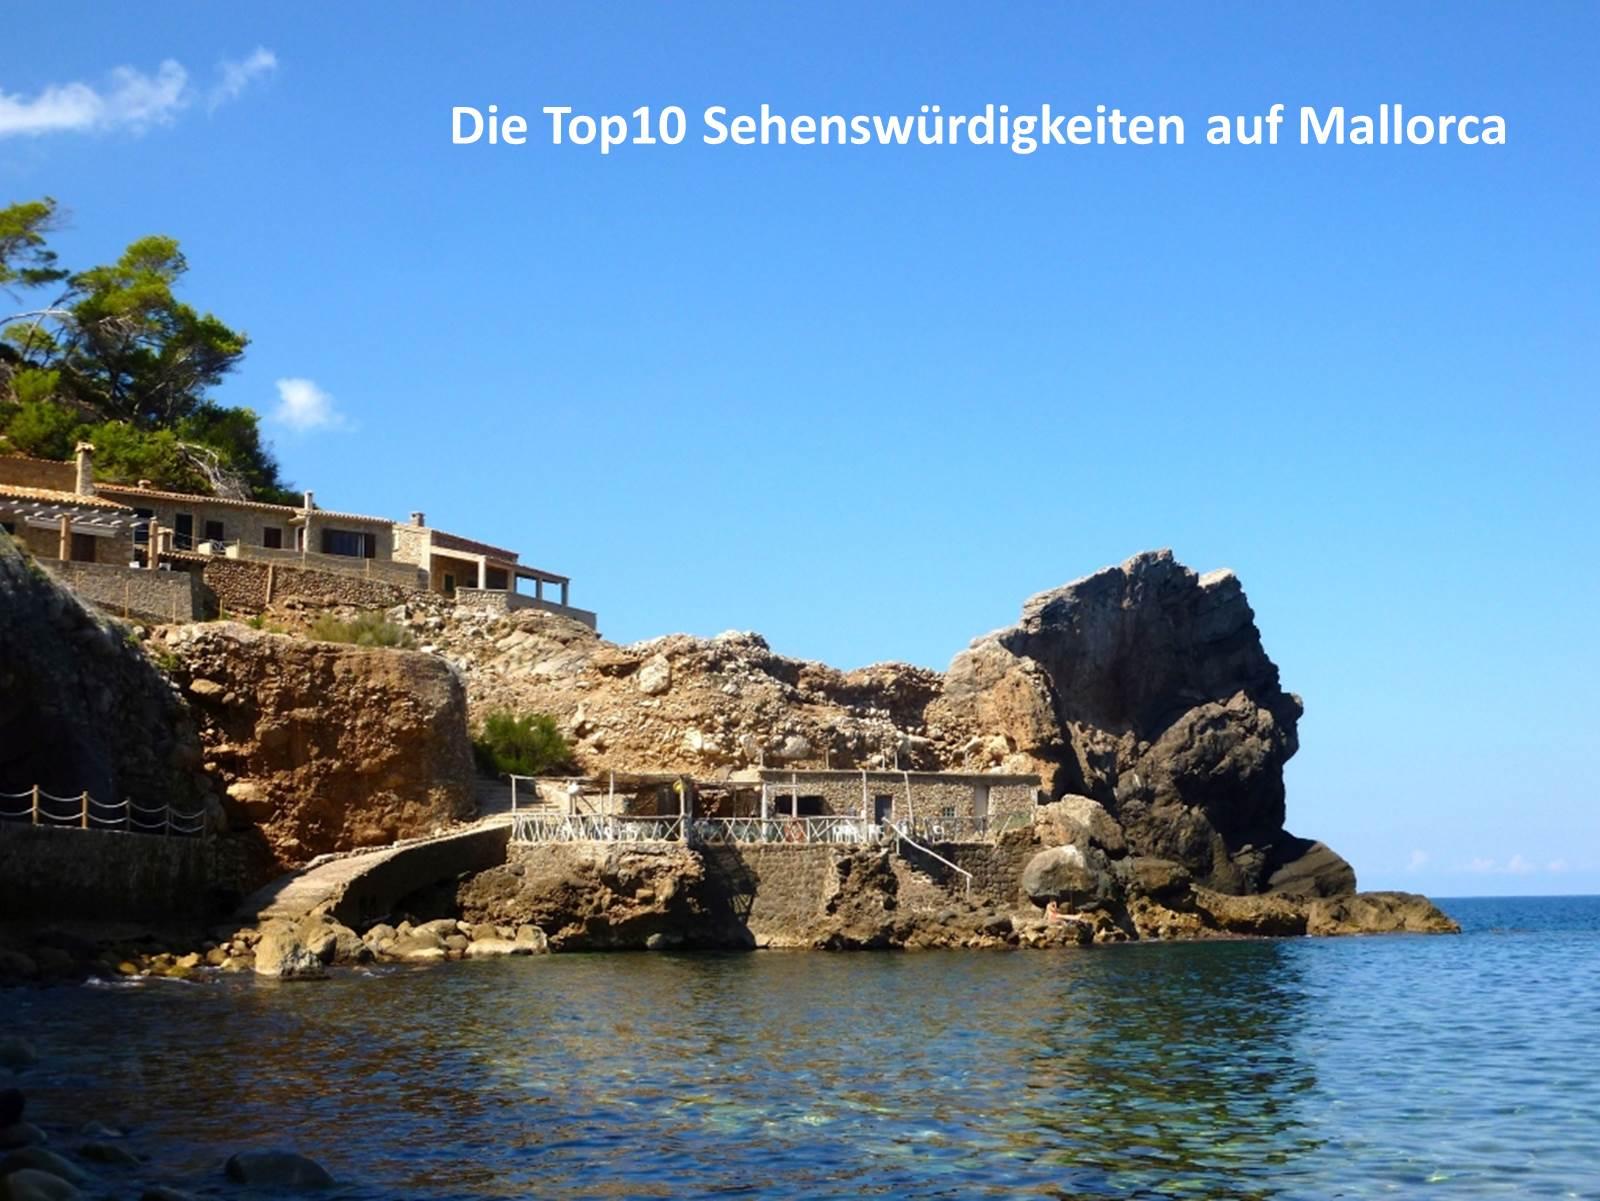 Die schönsten Sehenswürdigkeiten auf Mallorca